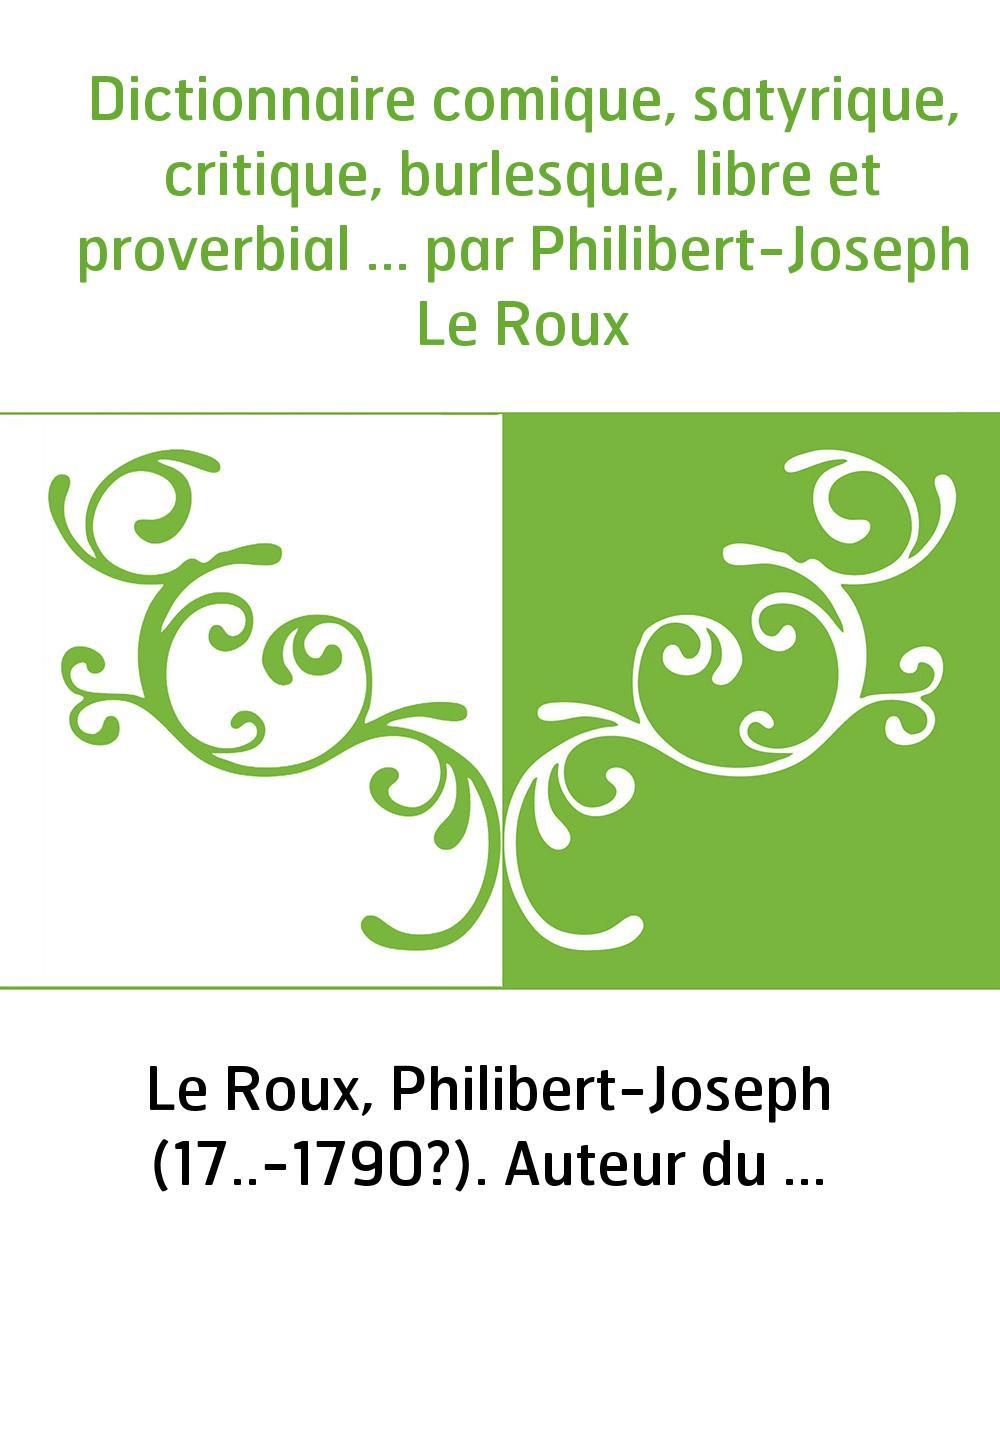 Dictionnaire comique, satyrique, critique, burlesque, libre et proverbial ... par Philibert-Joseph Le Roux